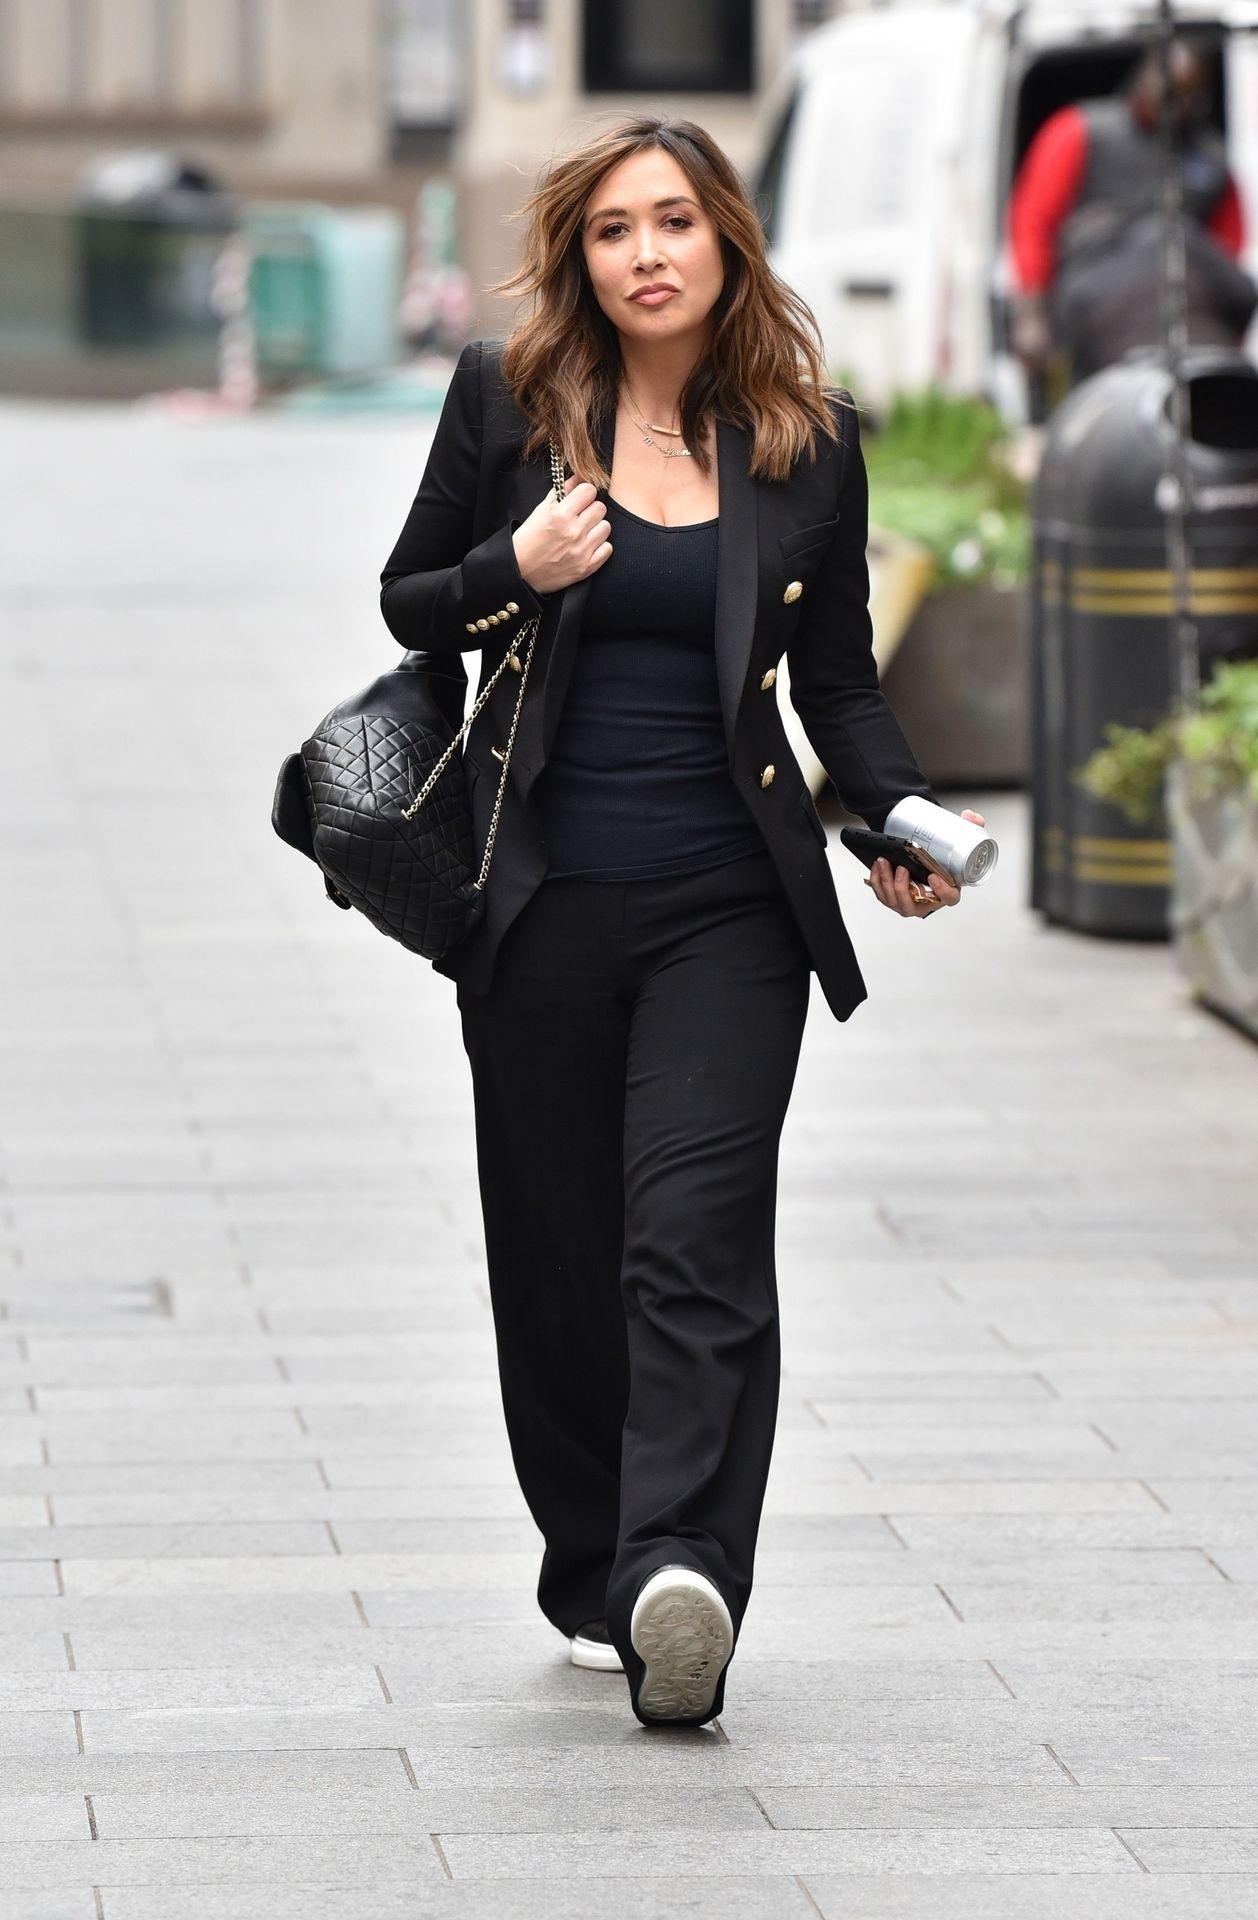 Myleene Klass Looks Hot In All Black In London 0002